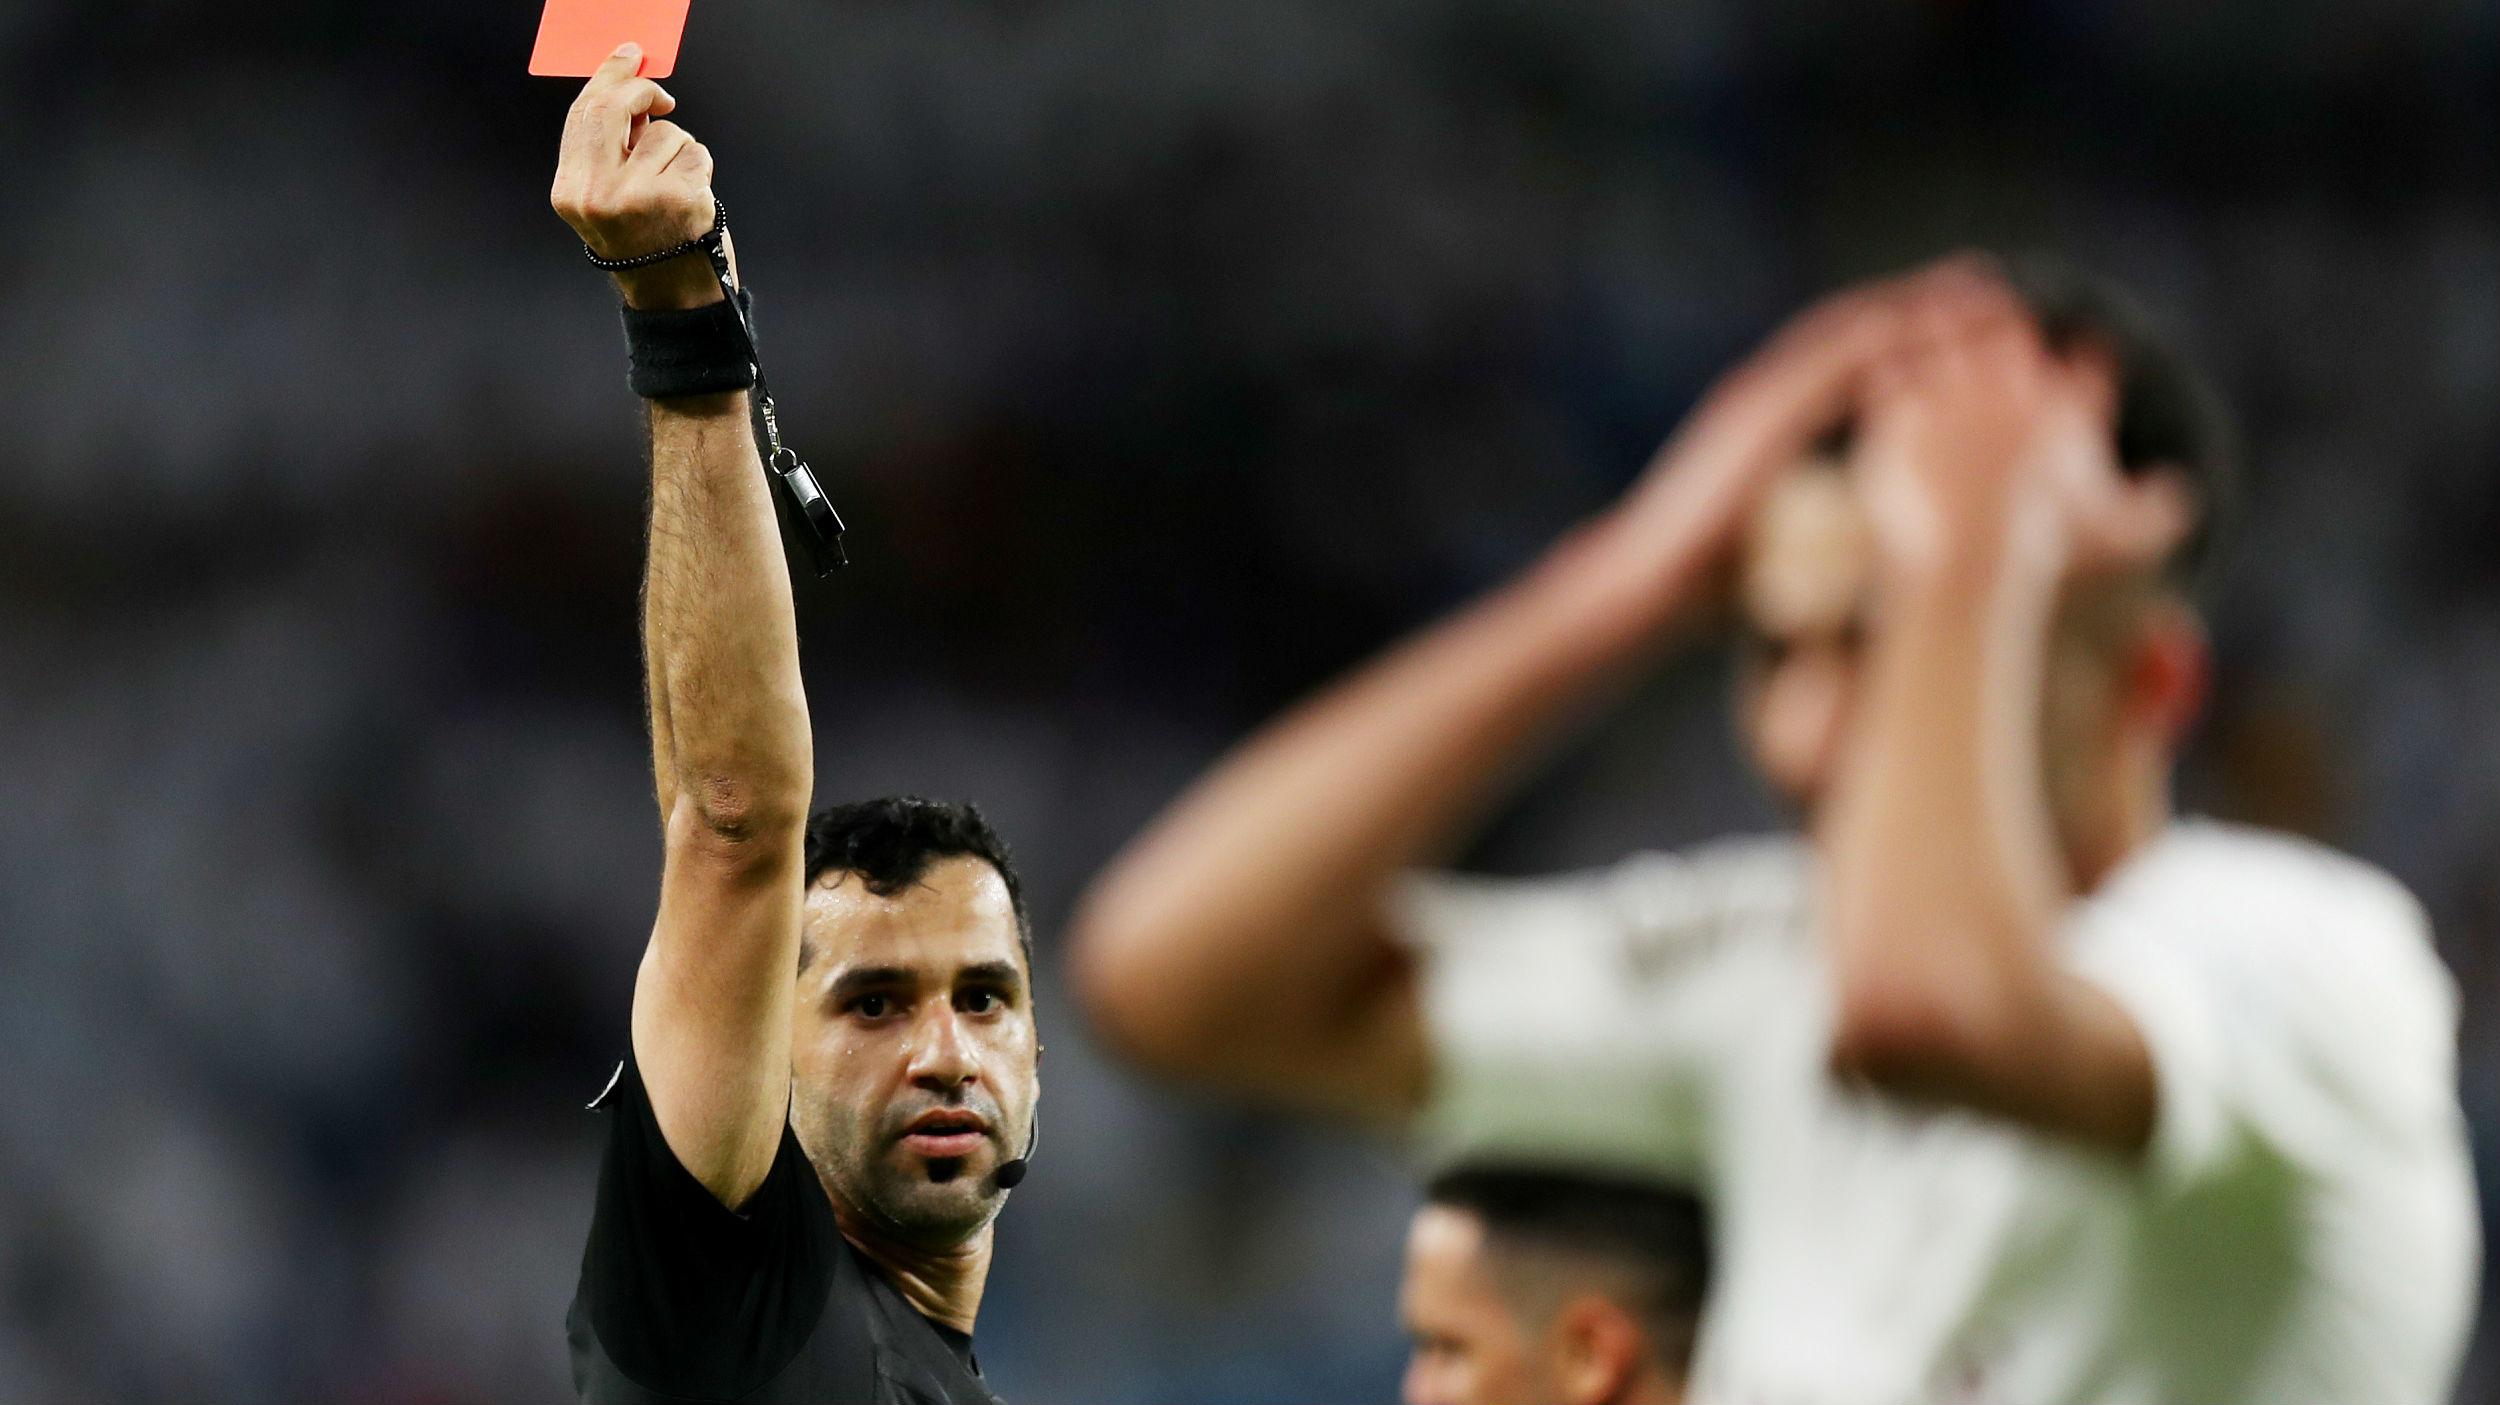 死亡威胁、肢体暴力、言语辱骂 足球裁判屡遭侵犯为哪般